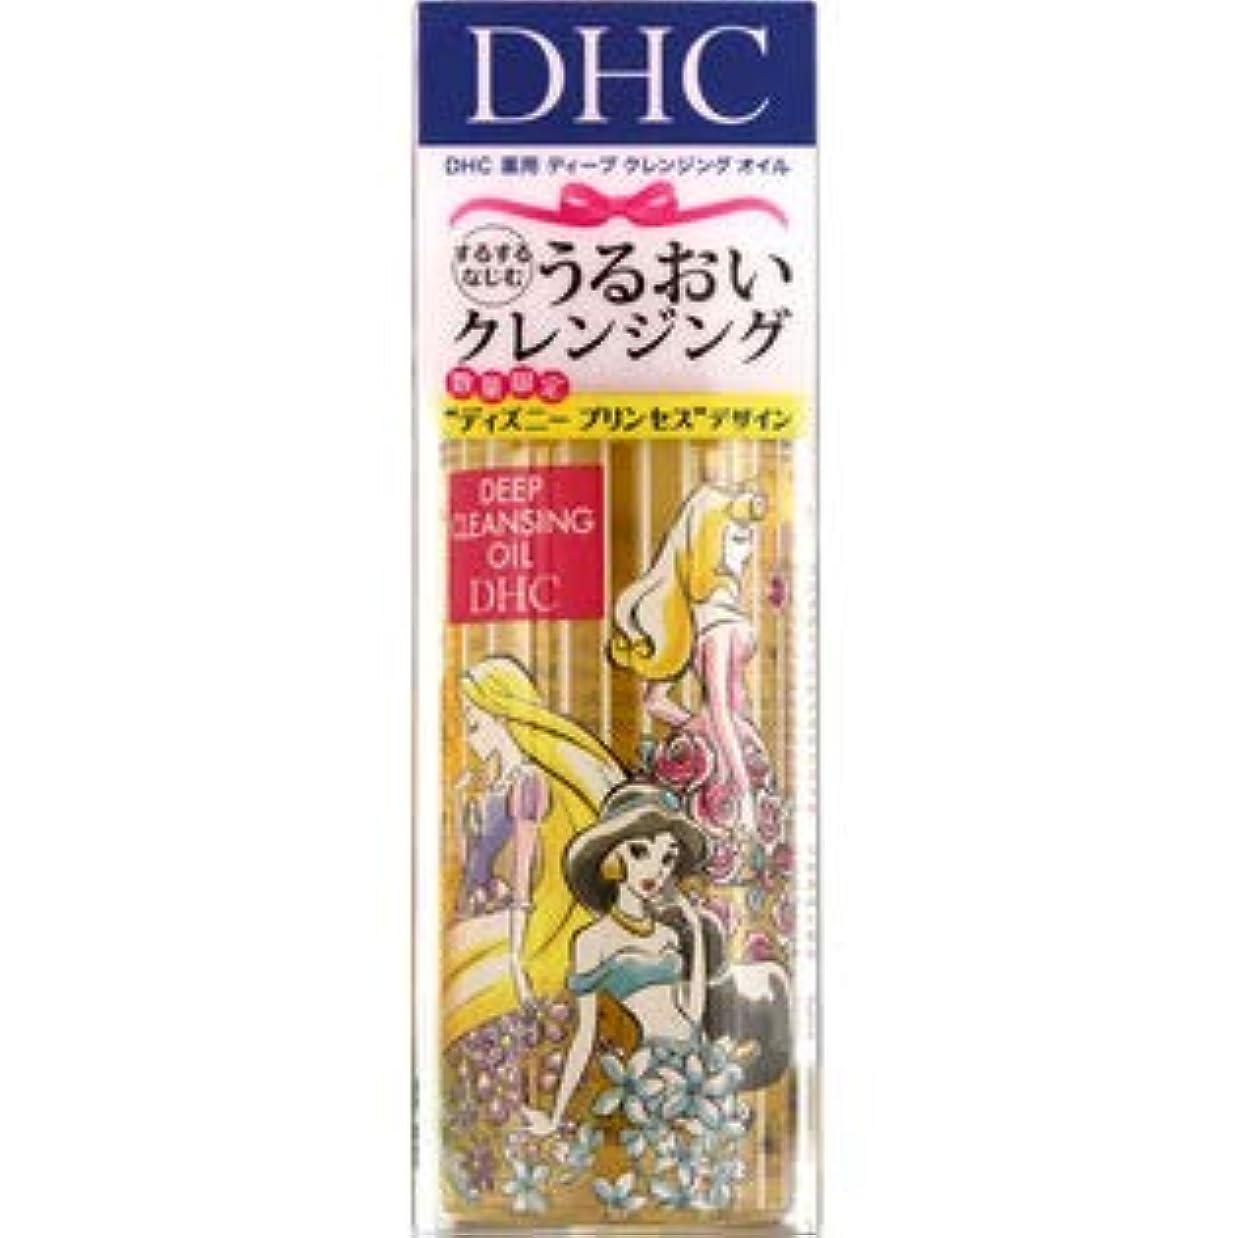 ディンカルビル放送盆ディーエイチシー 薬用ディープクレンジングオイル プリンセス(SSL) 150ml(医薬部外品)